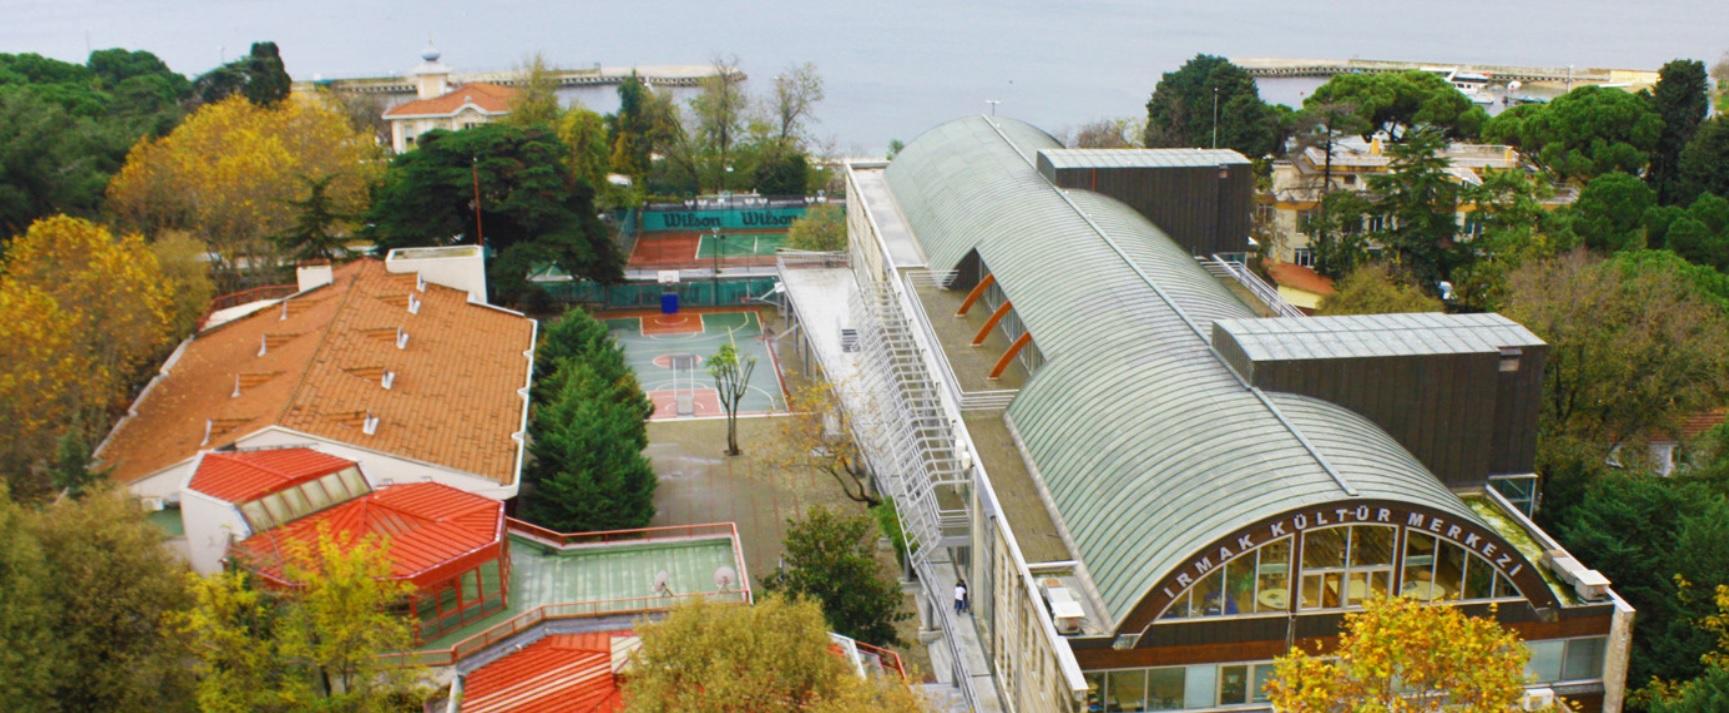 Irmak Okulları Lisesi